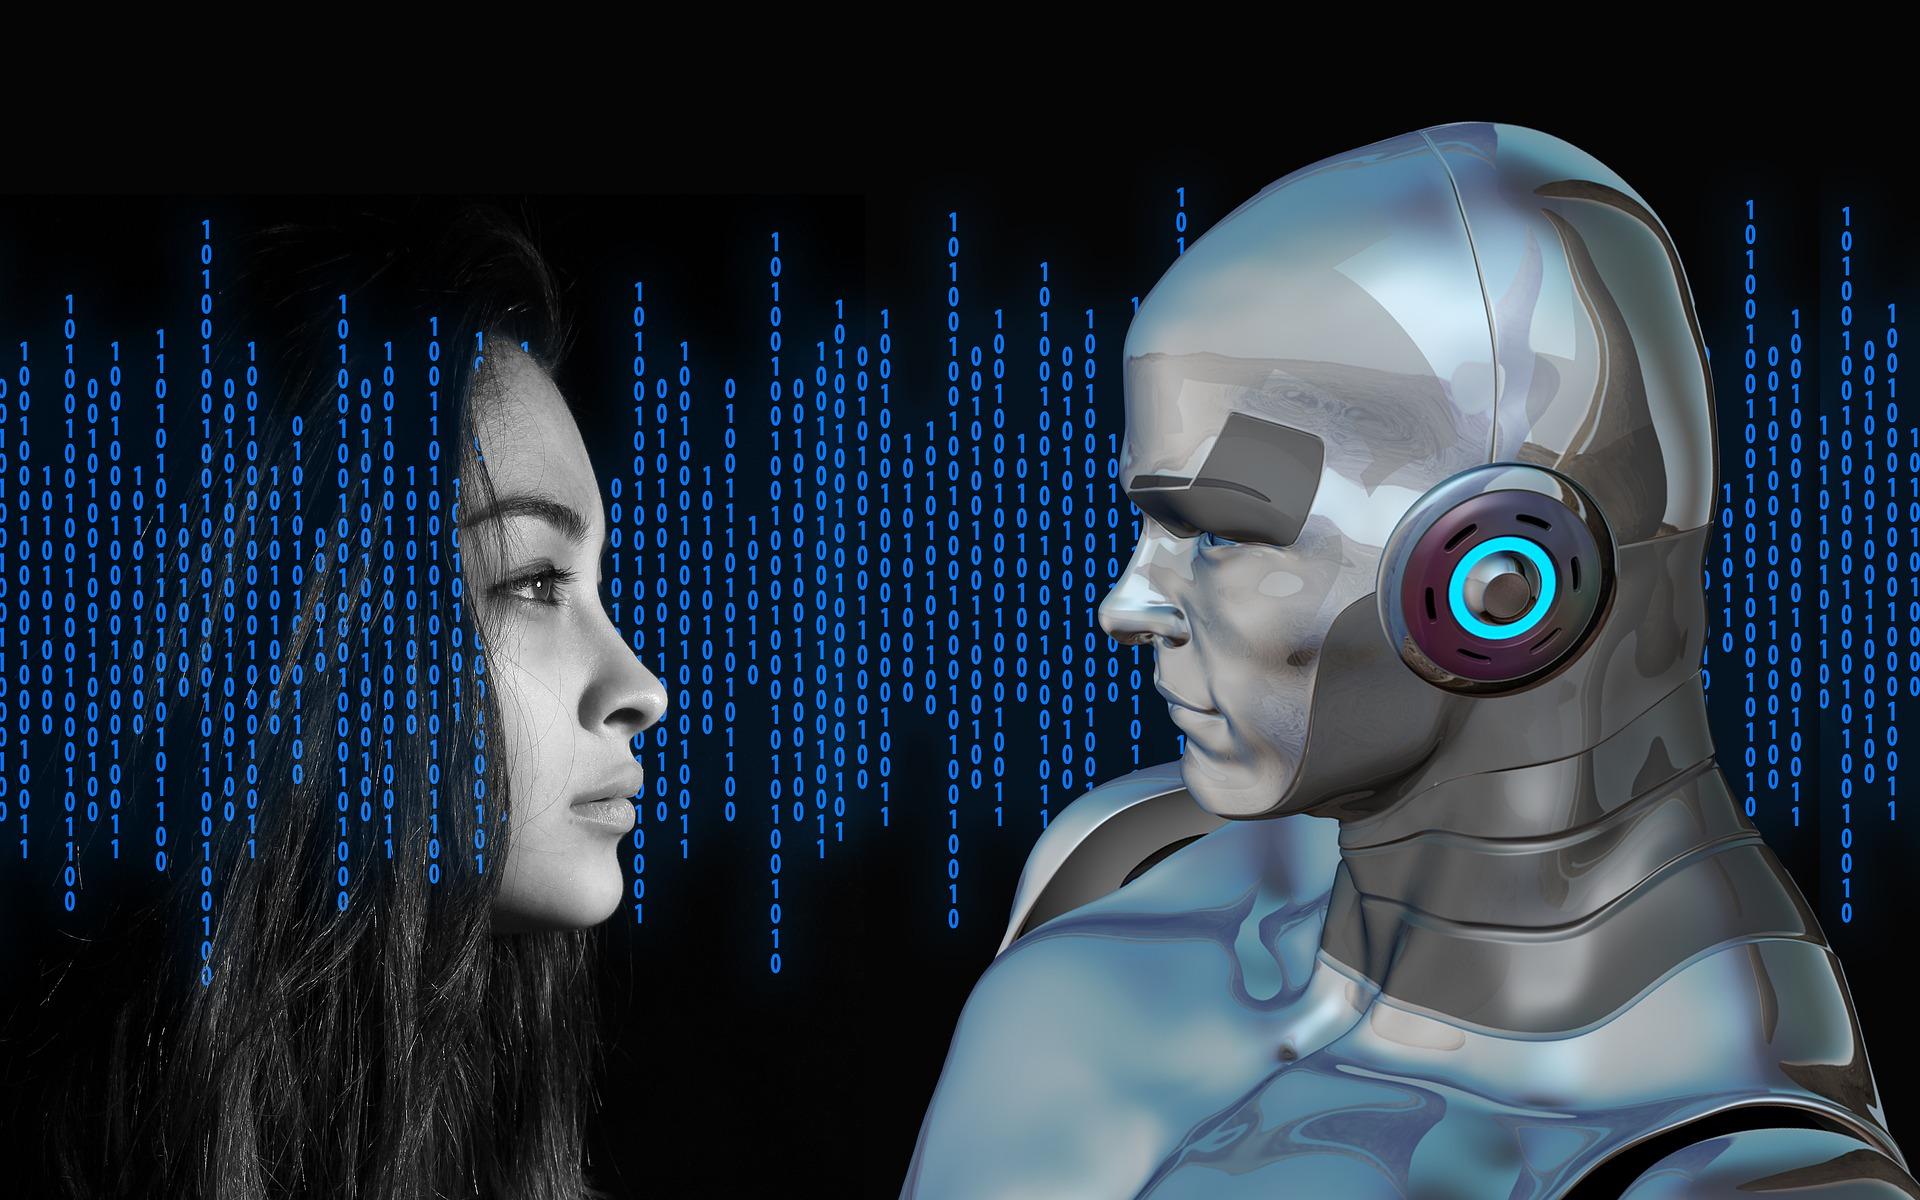 autonomous robots and gender